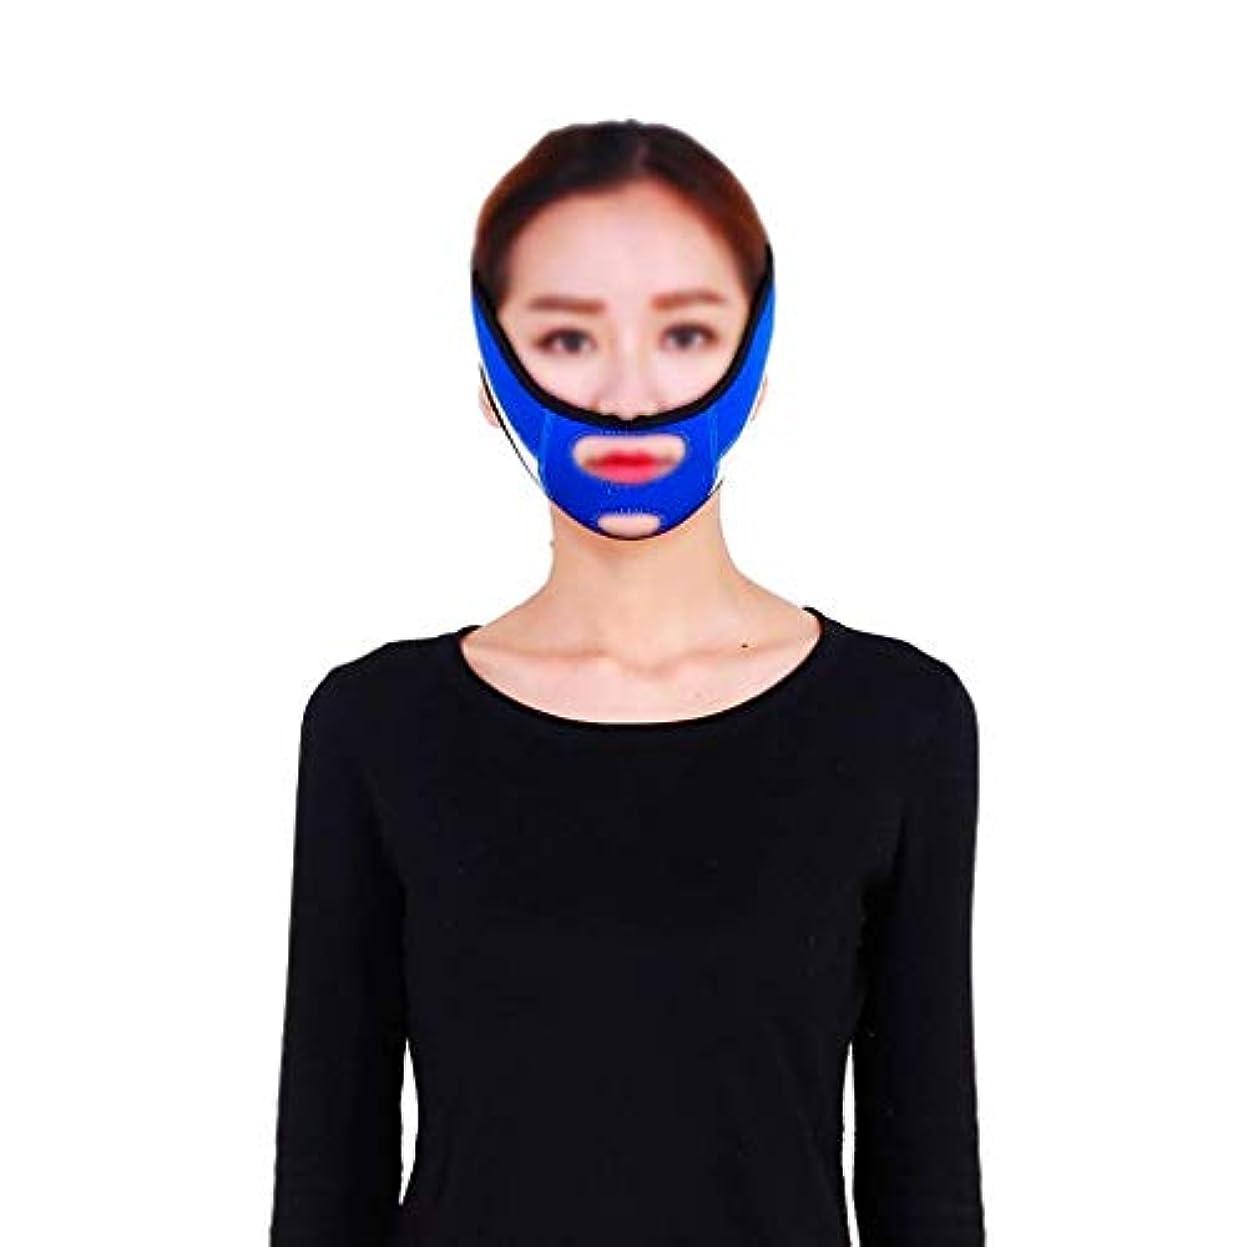 イソギンチャク自動化担保ファーミングフェイスマスク、スモールVフェイスアーティファクトリフティングマスク、口を調整して垂れ下がった肌を縮小滑り止め弾性ストレッチ包帯